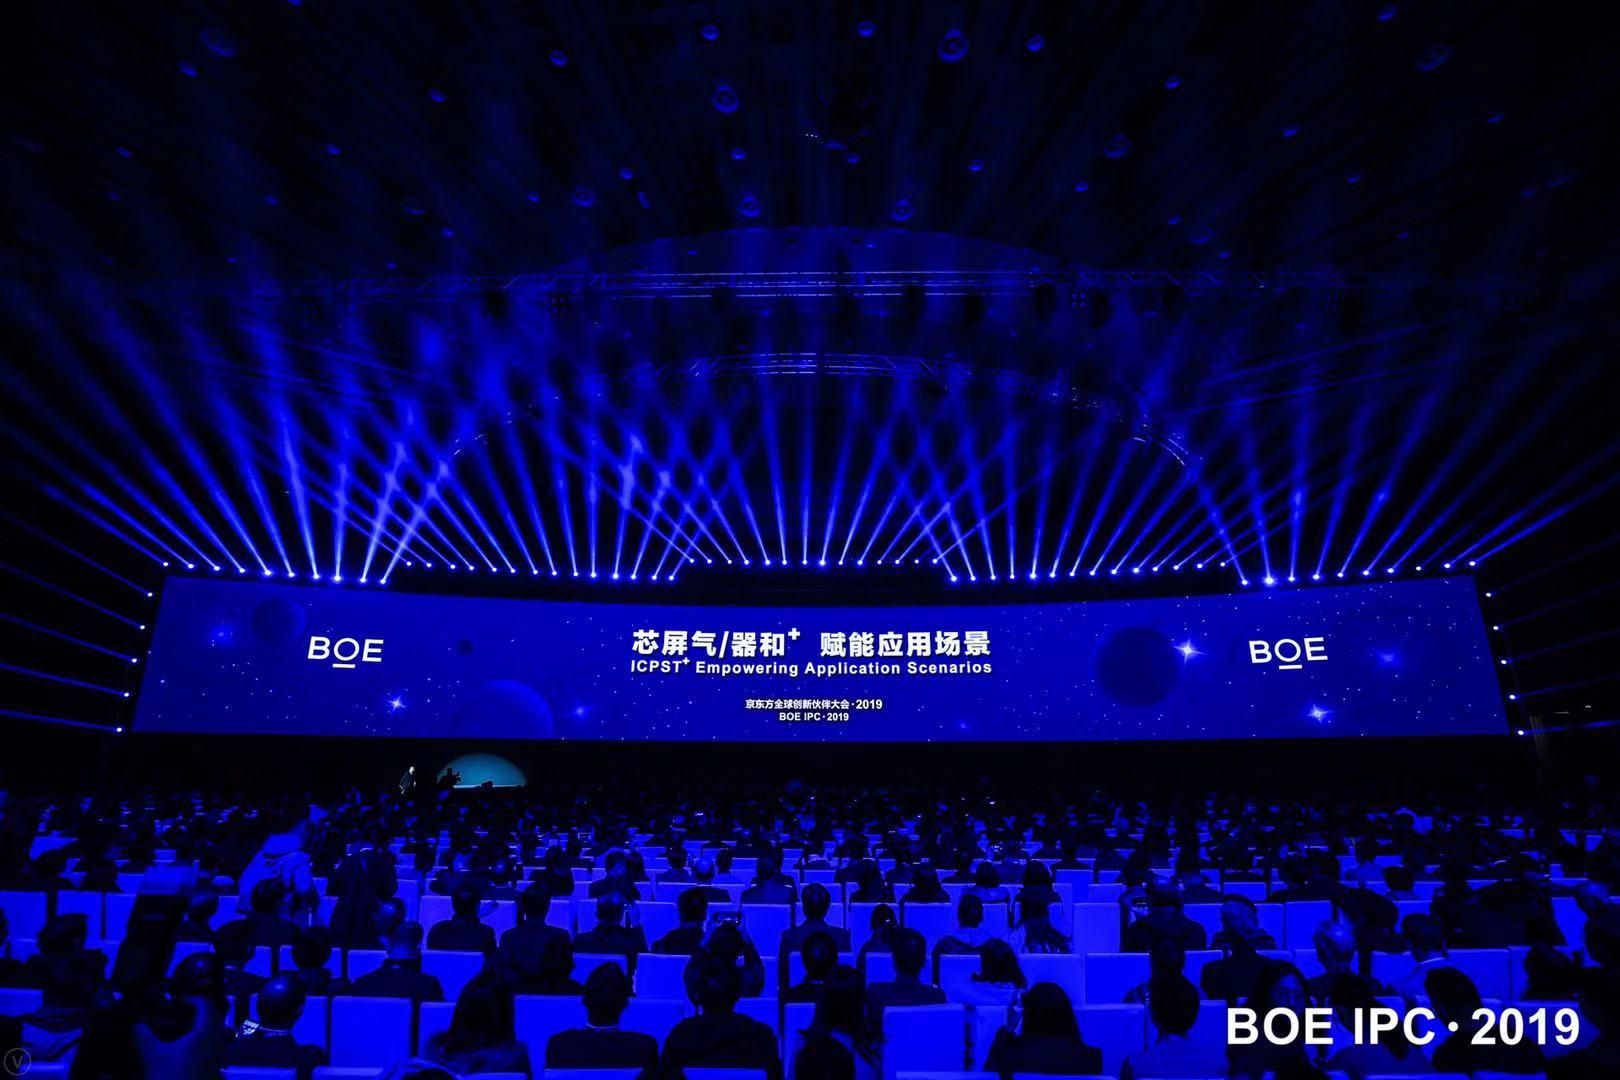 京东方全球创新伙伴大会召开陈炎顺强调赋能应用场景